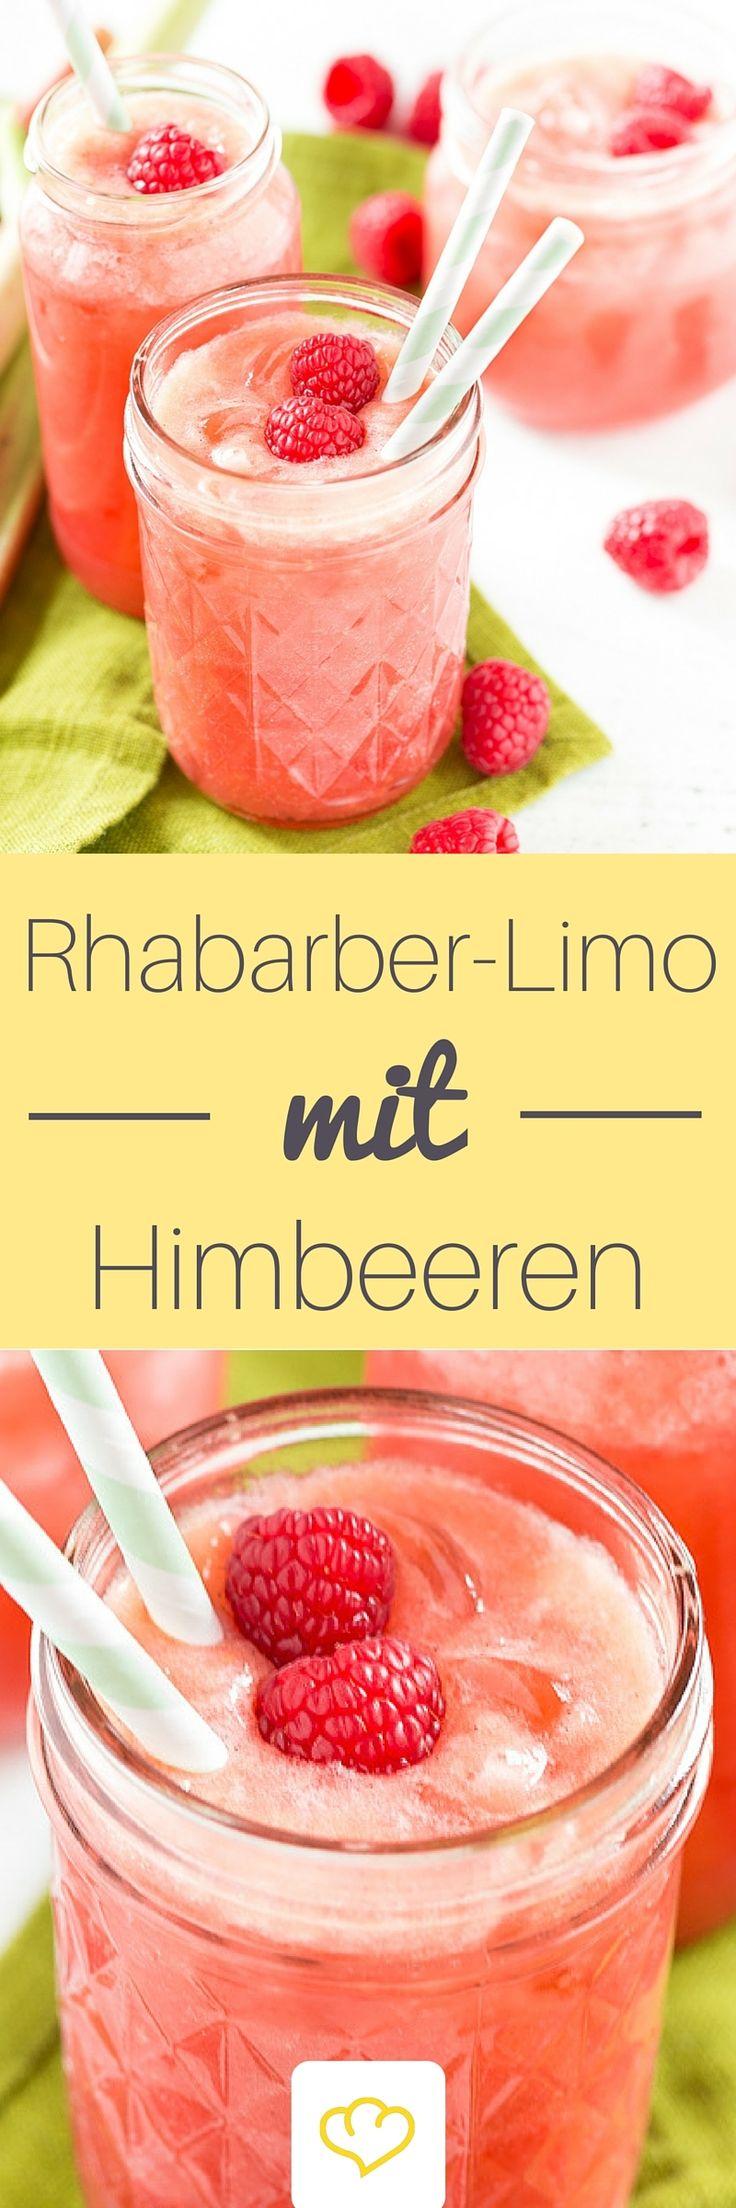 Limo ist fruchtig. Limo ist spritzig. Limo ist perfekt für den Sommer. Für alle Rhabarber-Liebhaber ist diese Variante ein absolutes Muss: viel Rhabarber, viele Himbeeren, dazu etwas Zitrone und Honig. Alles mit Blubber-Wasser aufgießen und erfrischt in den Sommer starten.